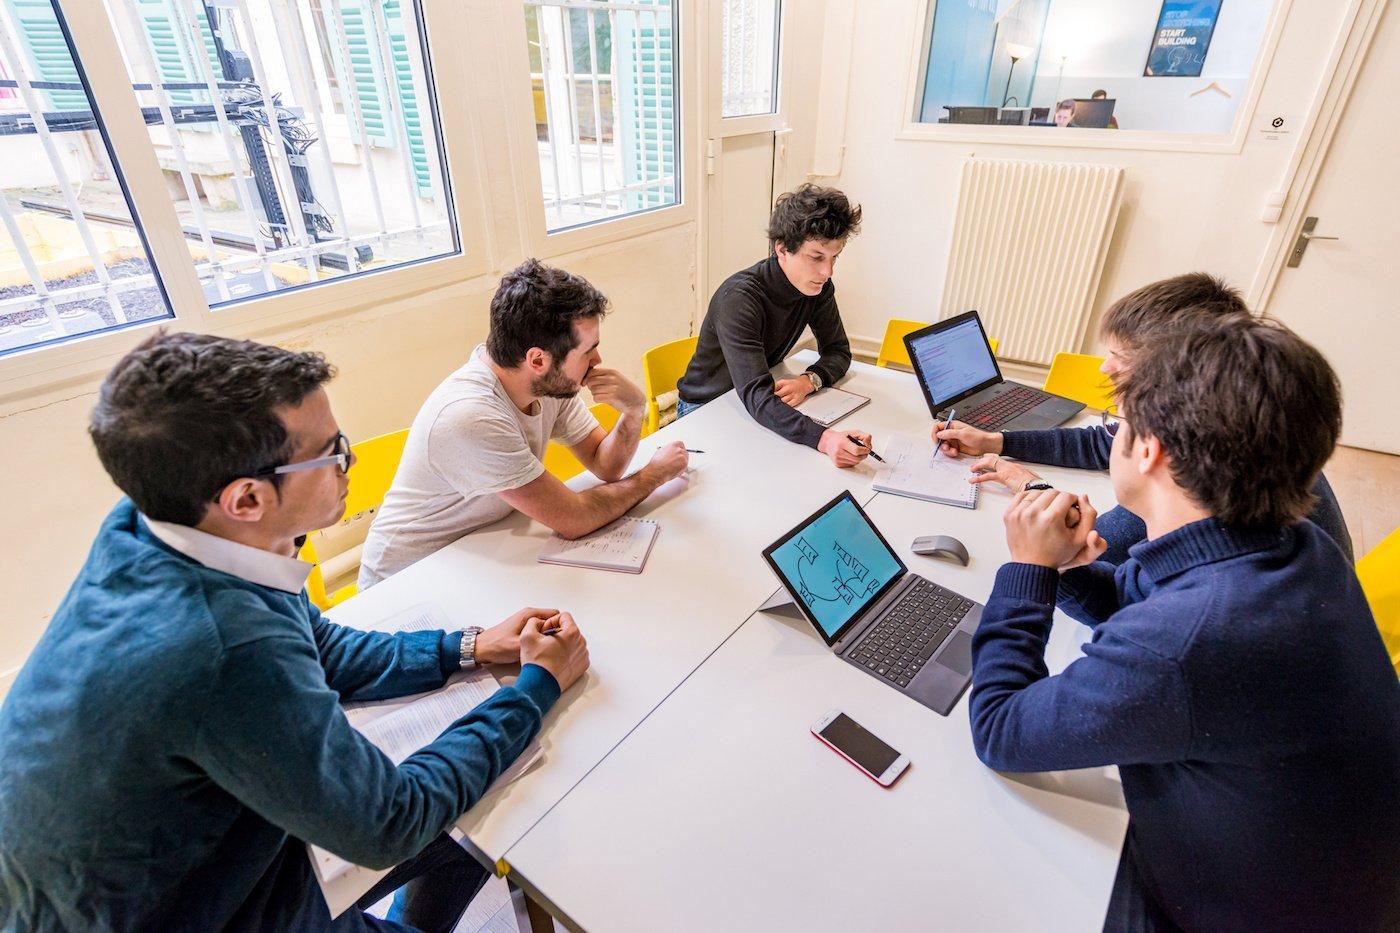 Le brainstorming : perte de temps ou gage de créativité ?